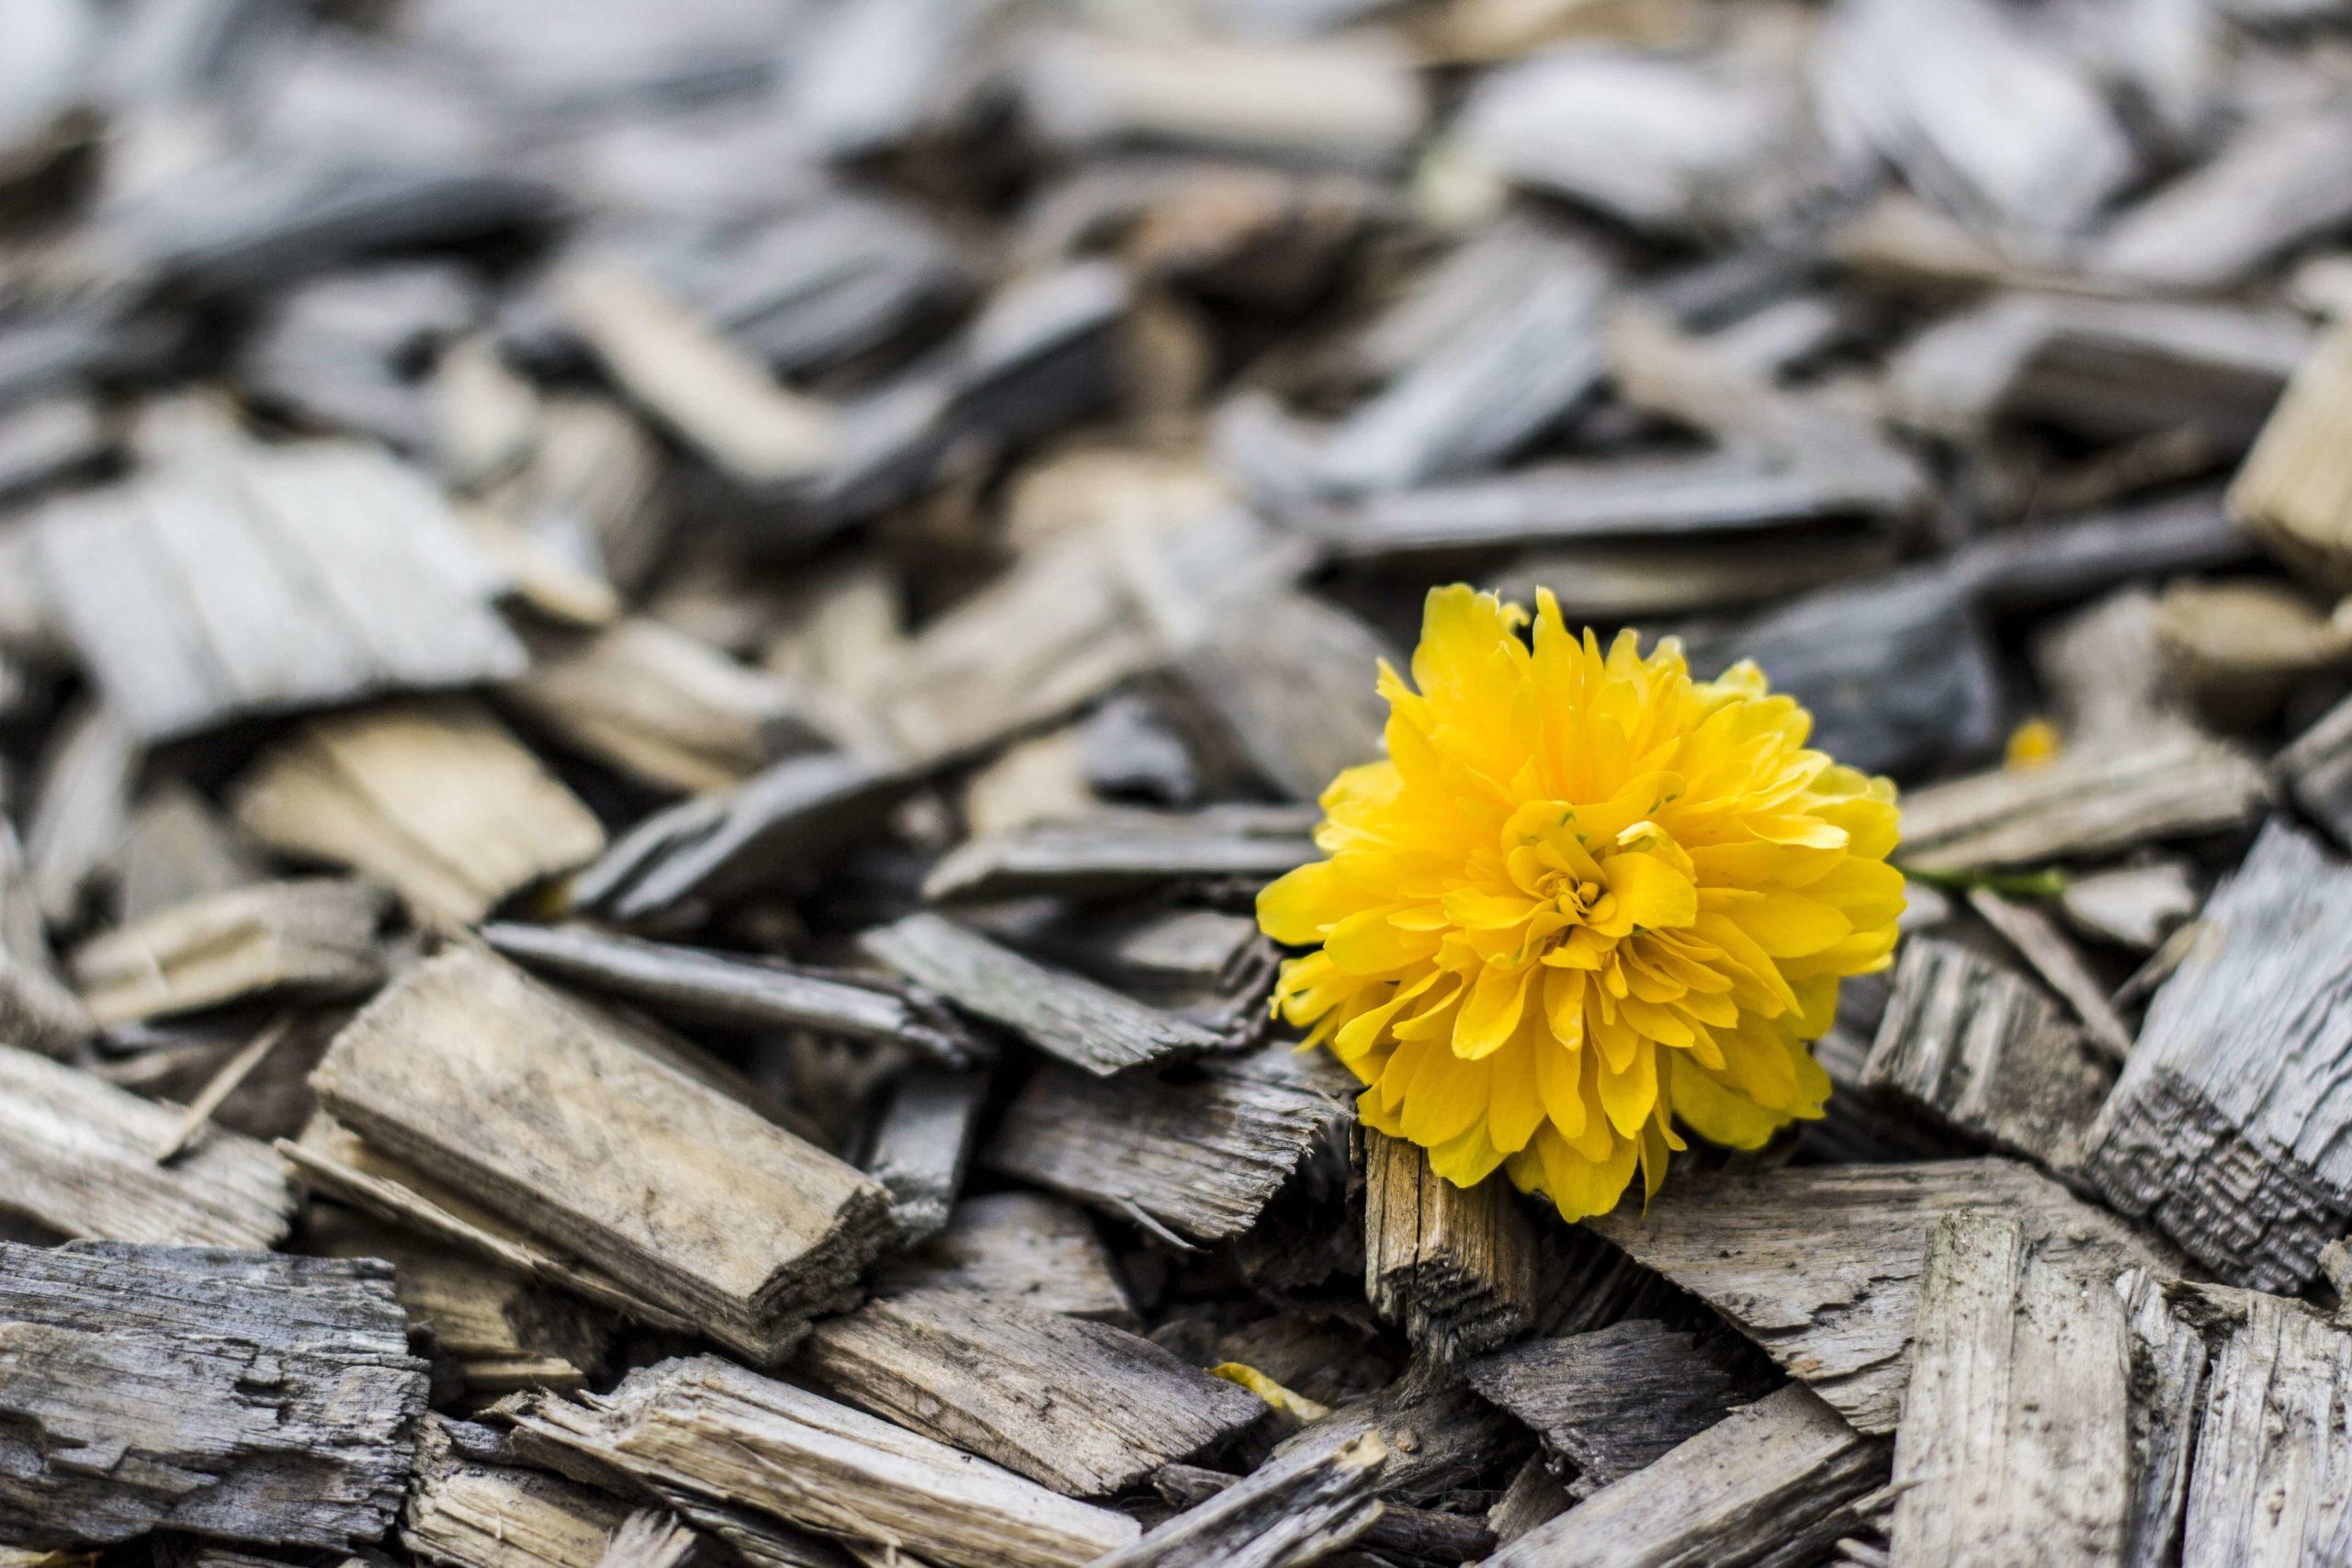 可燃物のなかの黄色い花